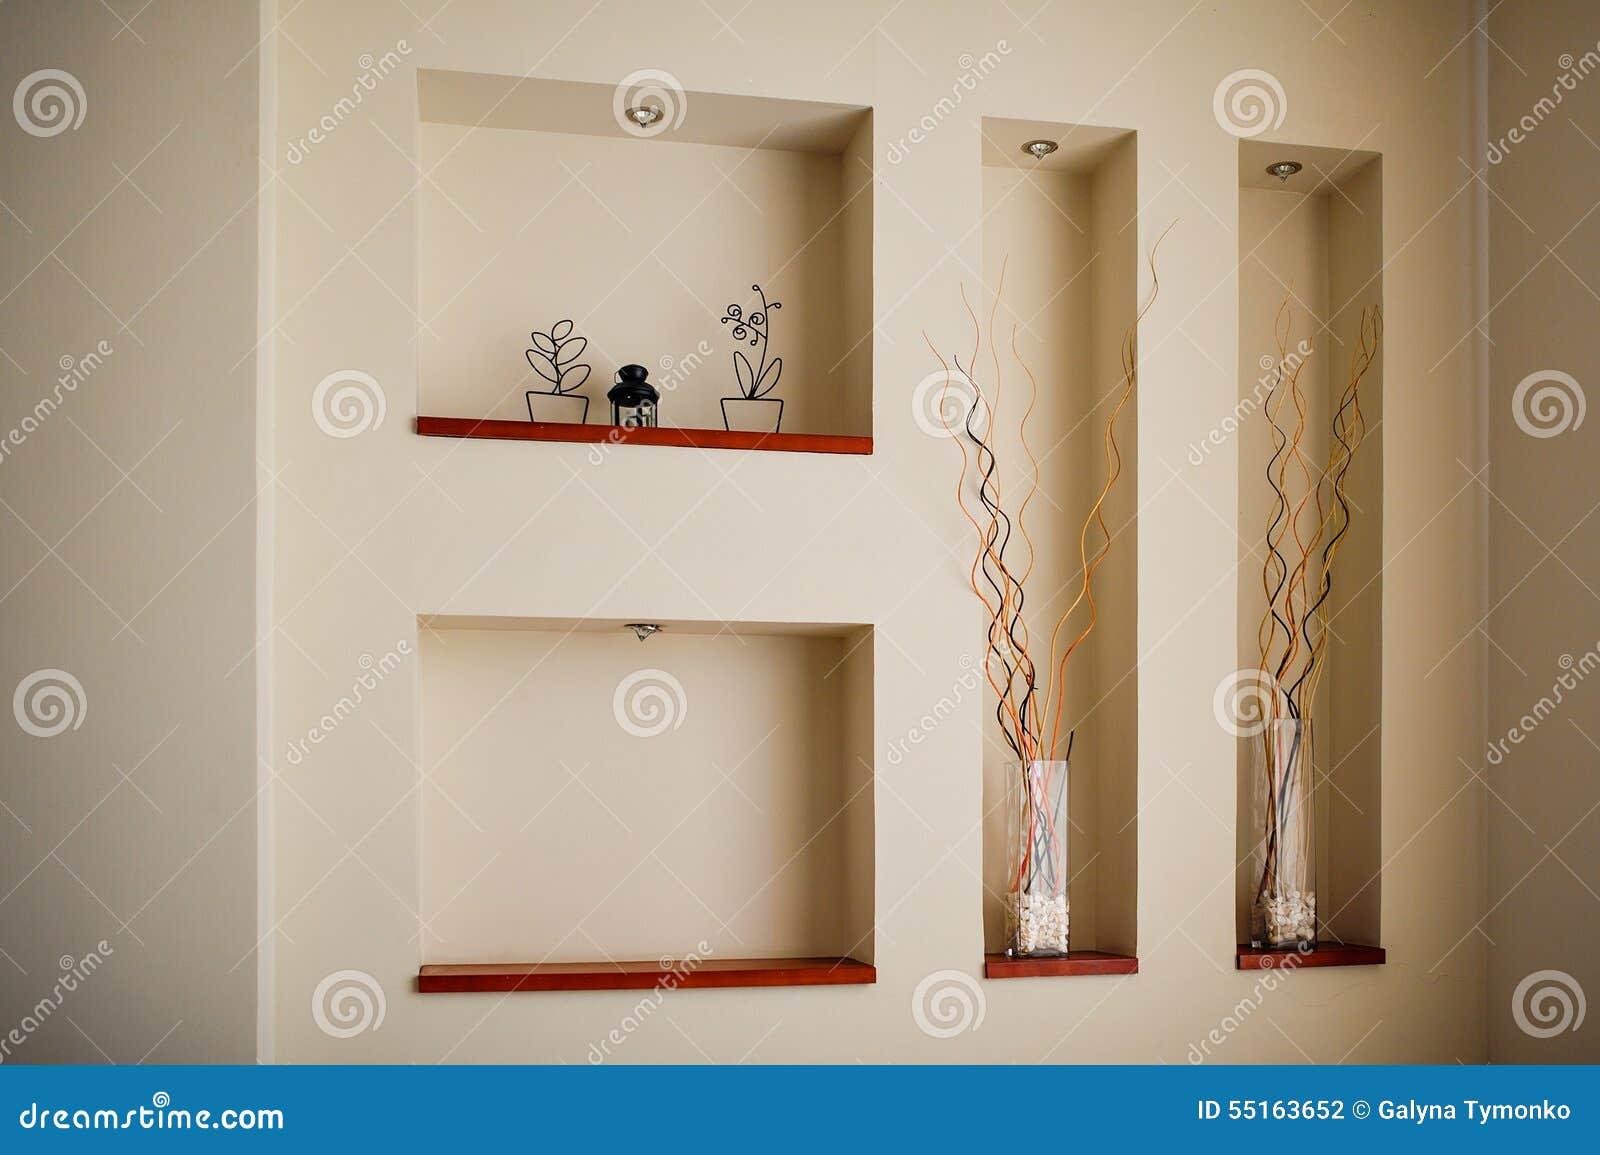 Mur dans une chambre avec des renfoncements pour la d coration photo stock - Faire une aeration dans un mur ...